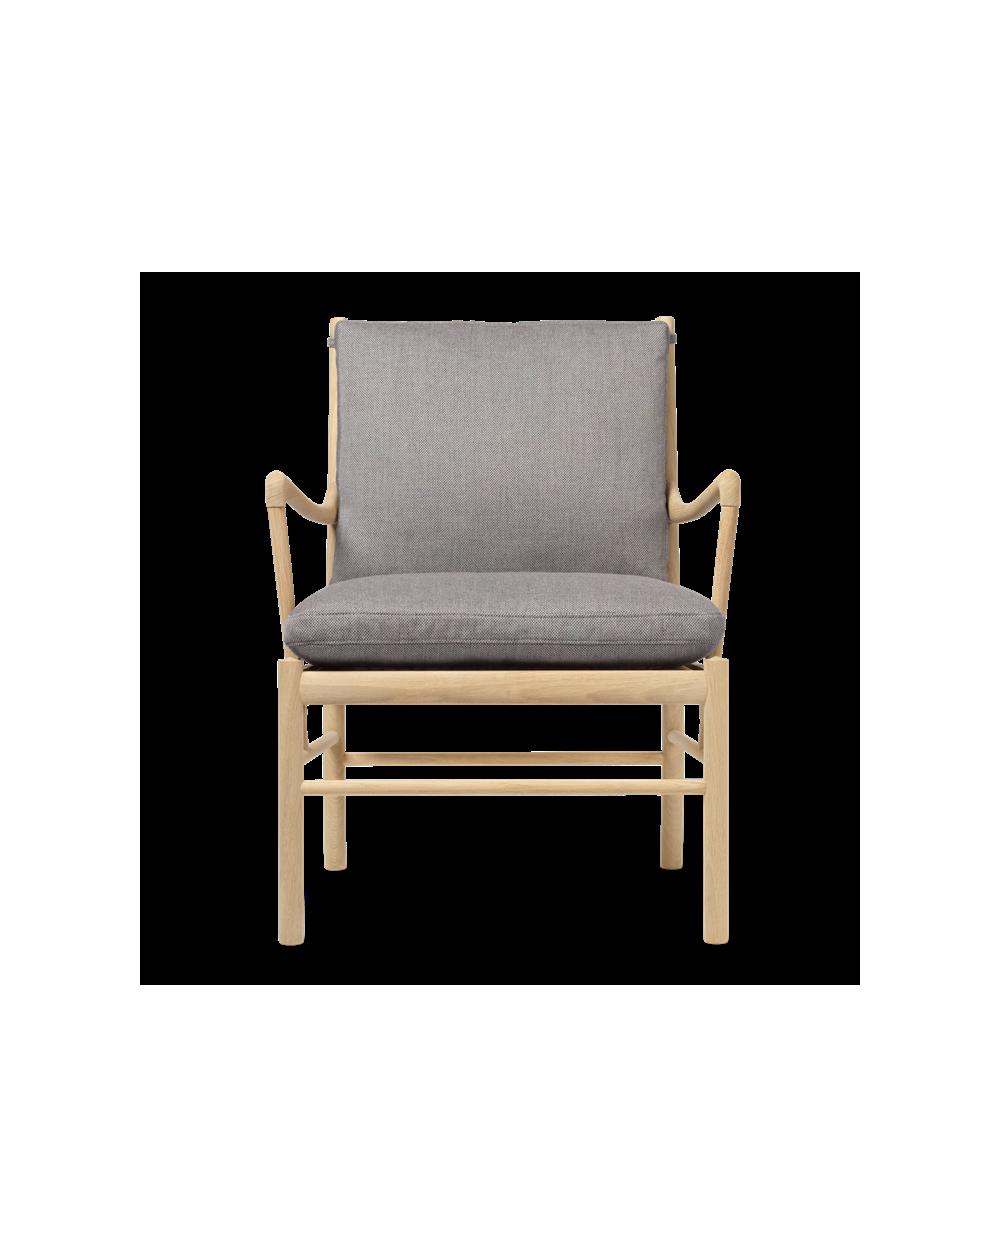 Colonial chair, Ole Wanscher for Carl Hansen